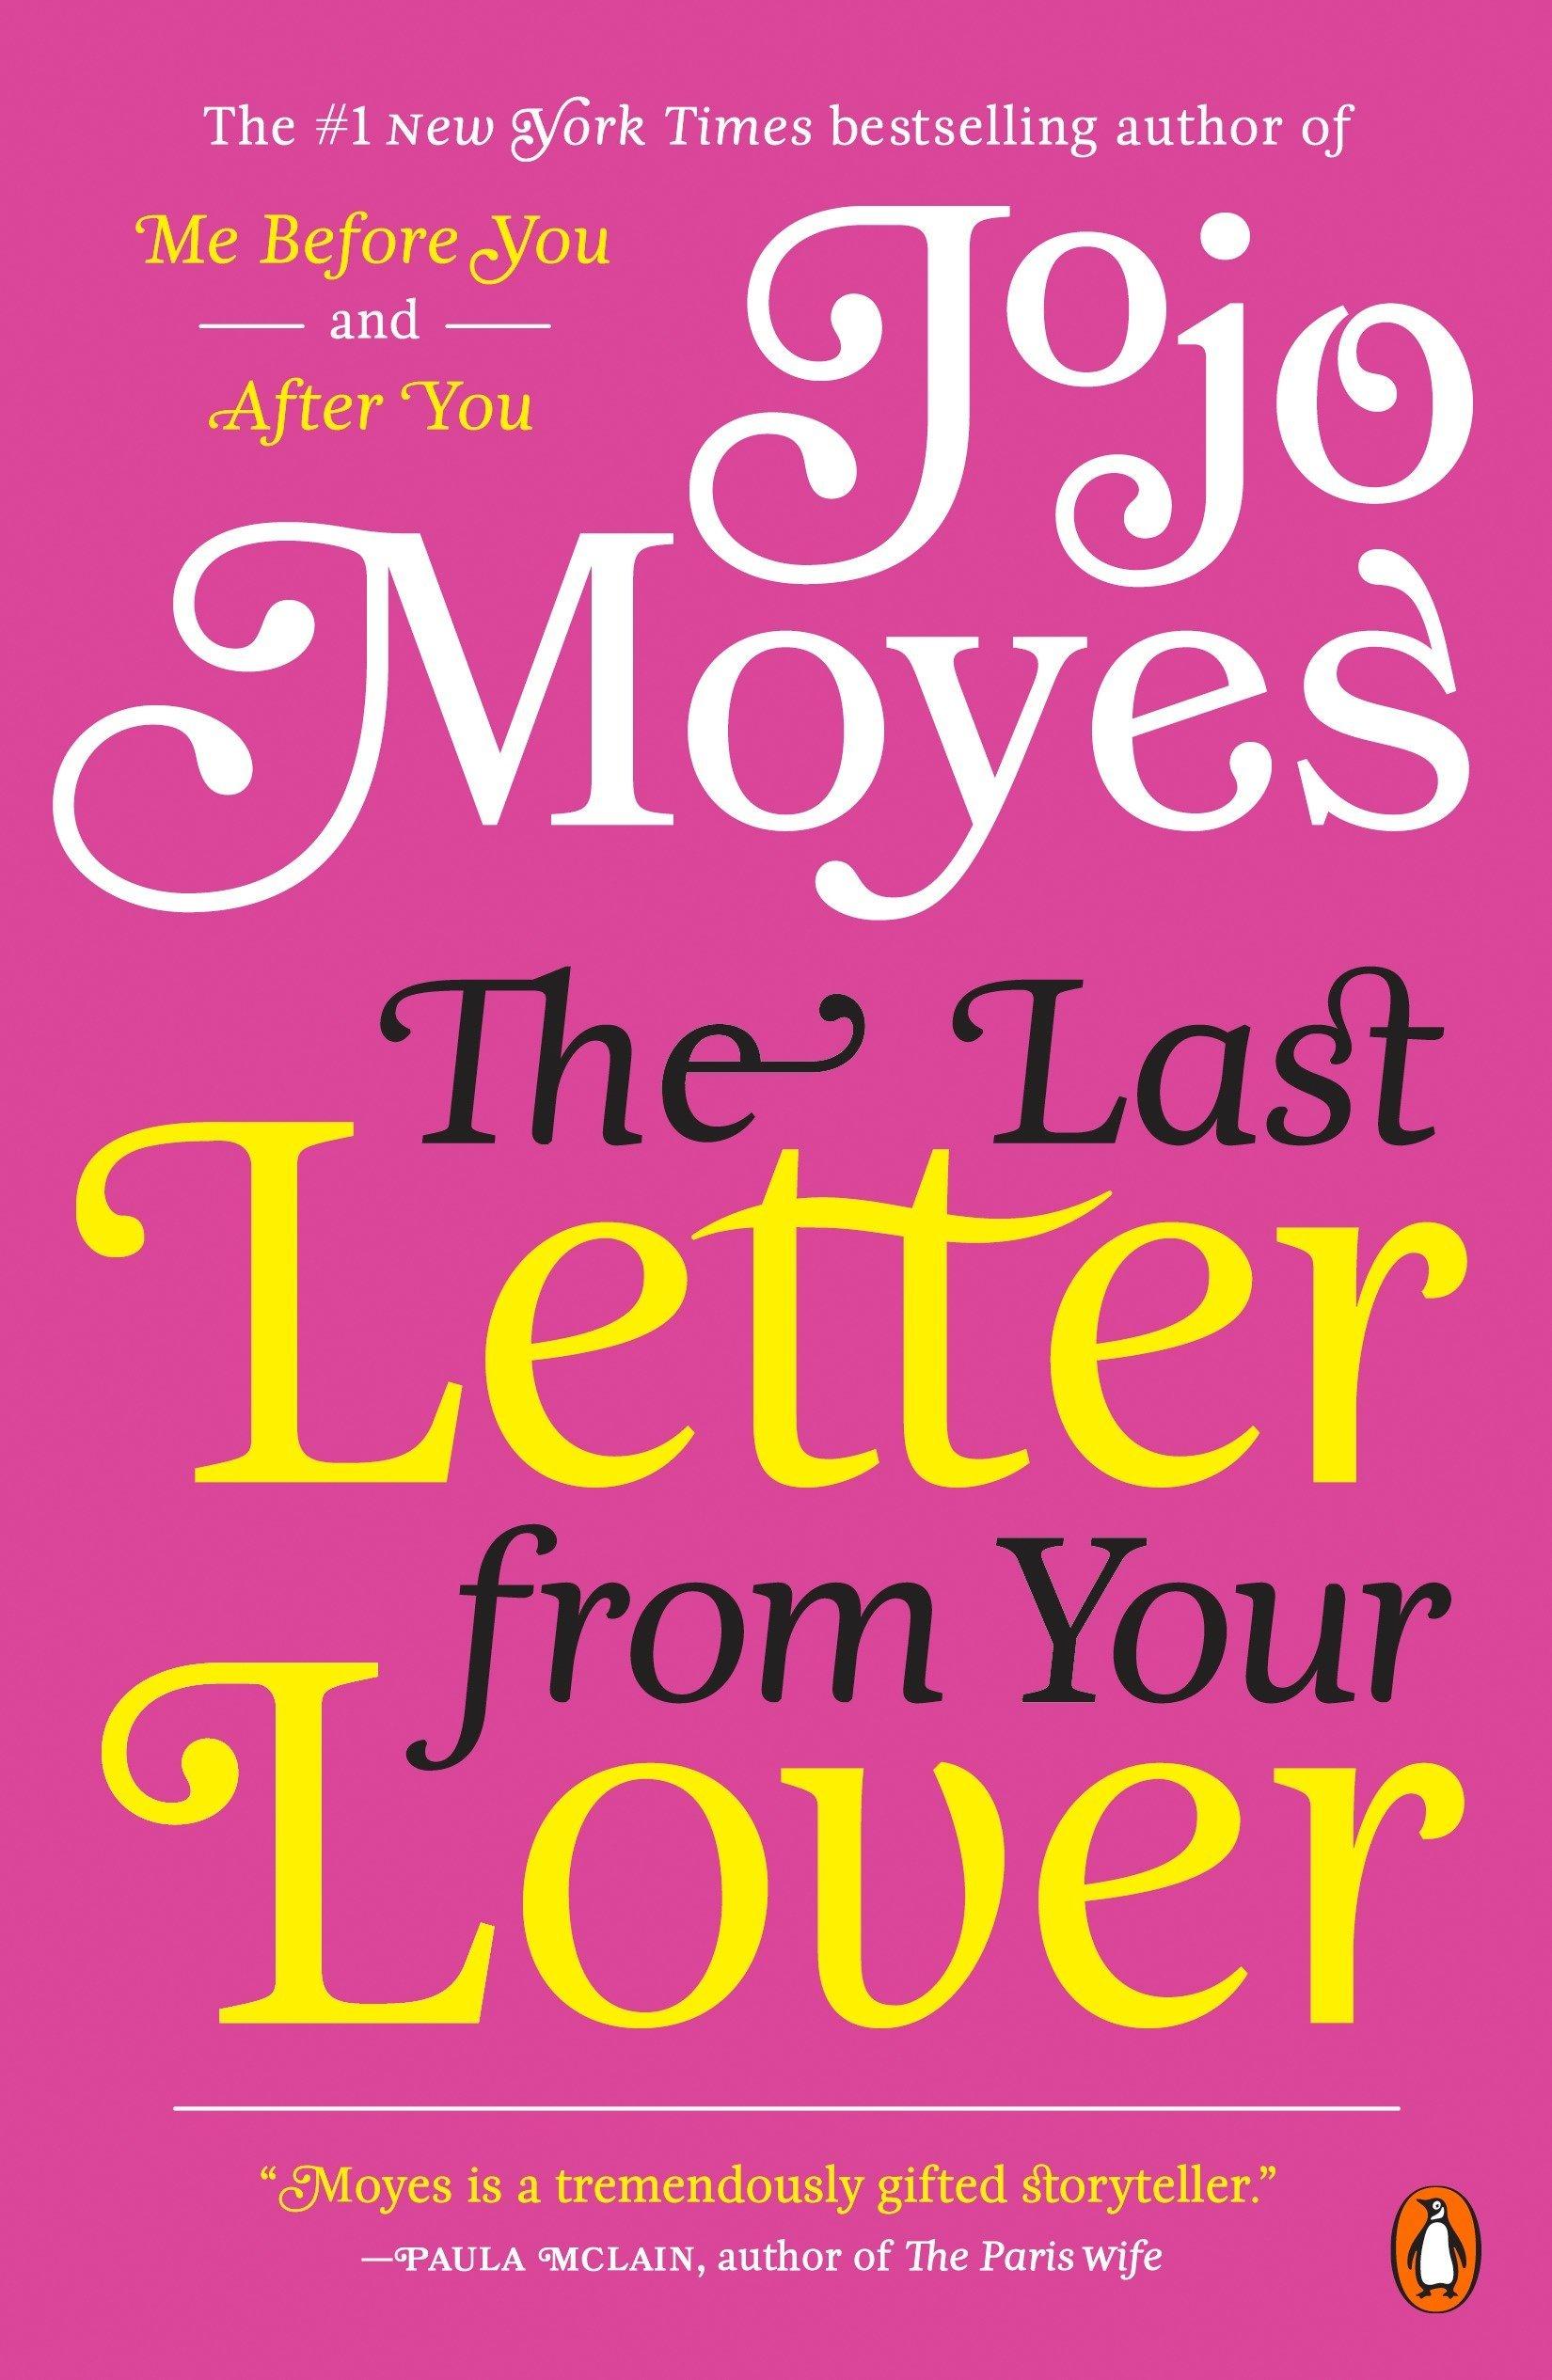 The Last Letter from Your Lover: A Novel: Jojo Moyes